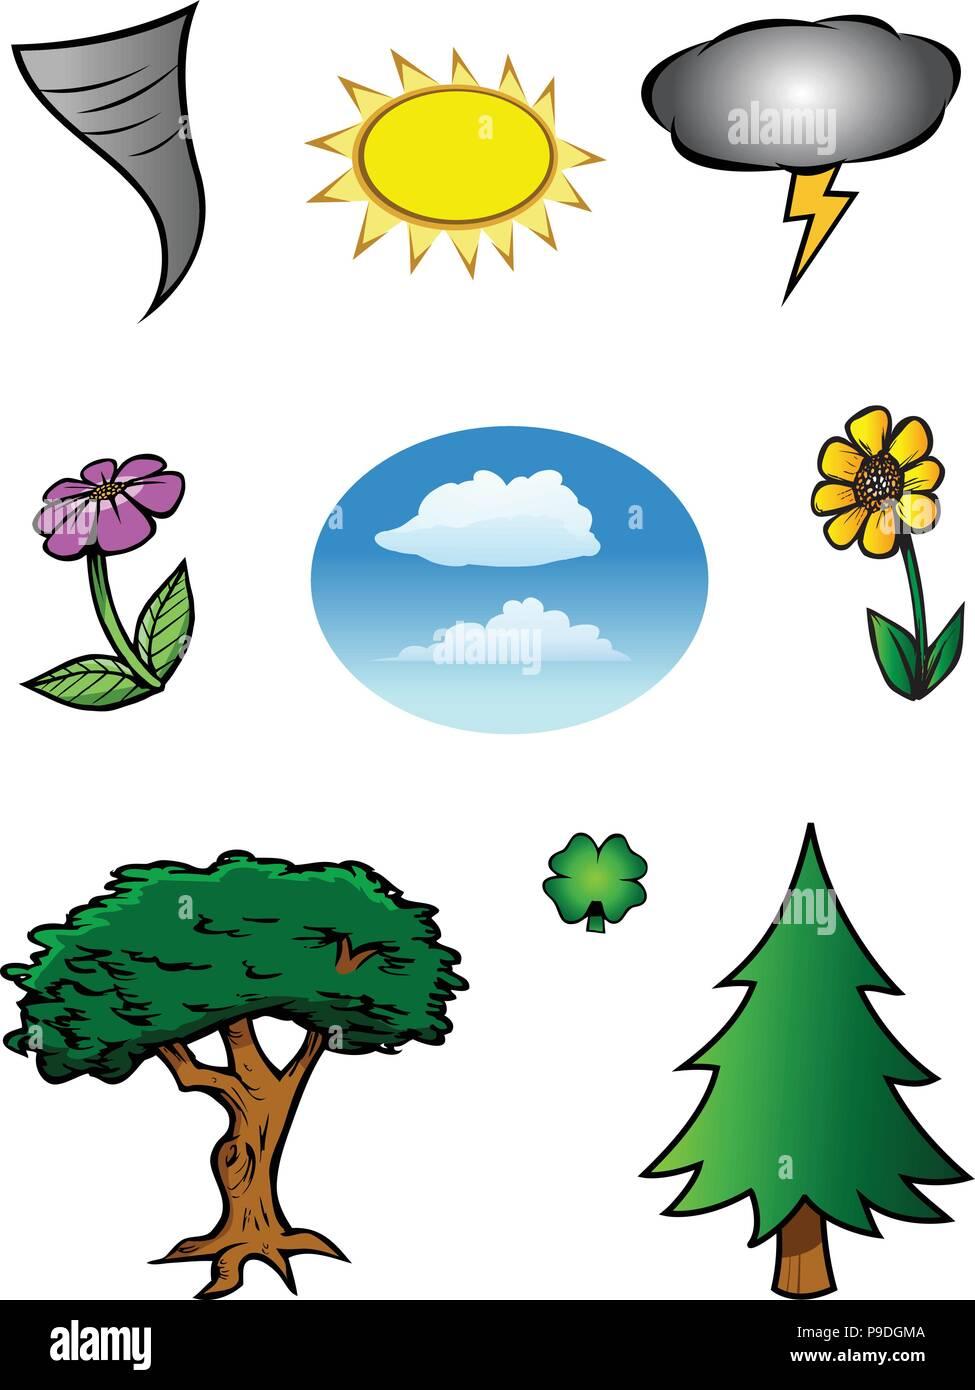 Colección De Dibujos Animados De La Naturaleza Ilustración Del